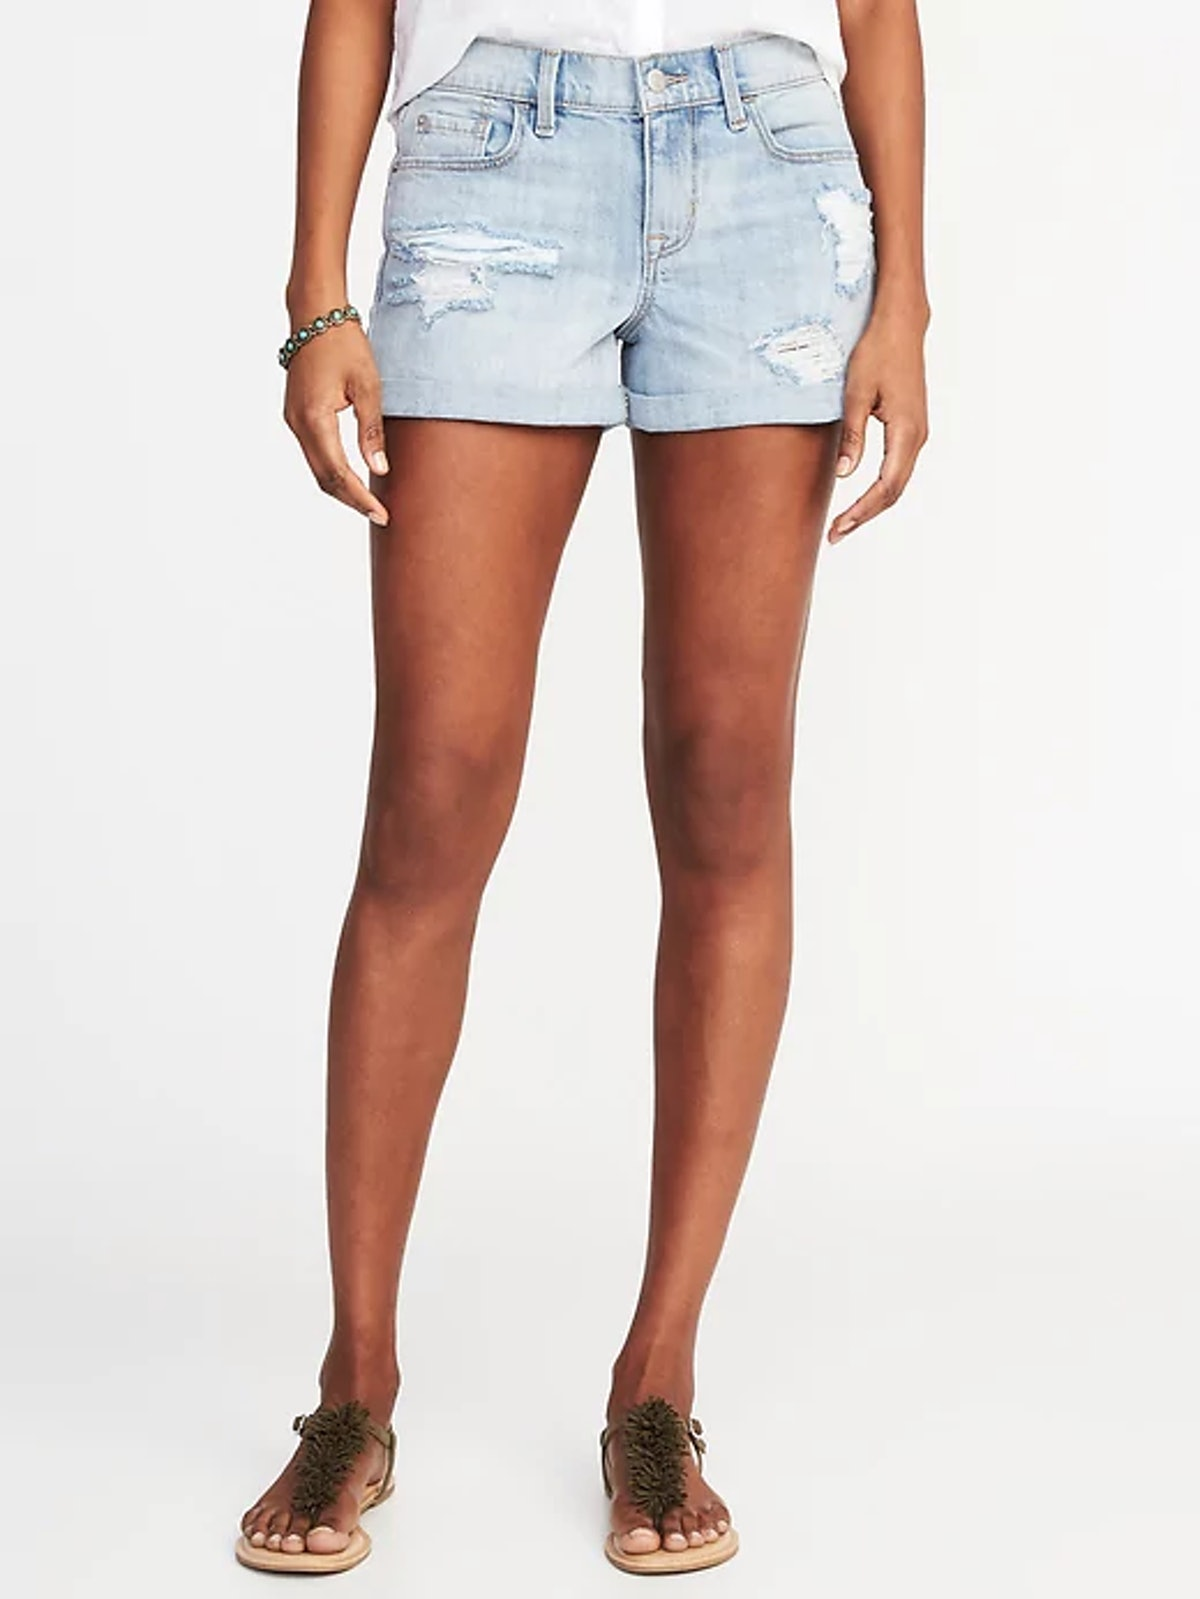 Boyfriend Distressed Denim Shorts for Women